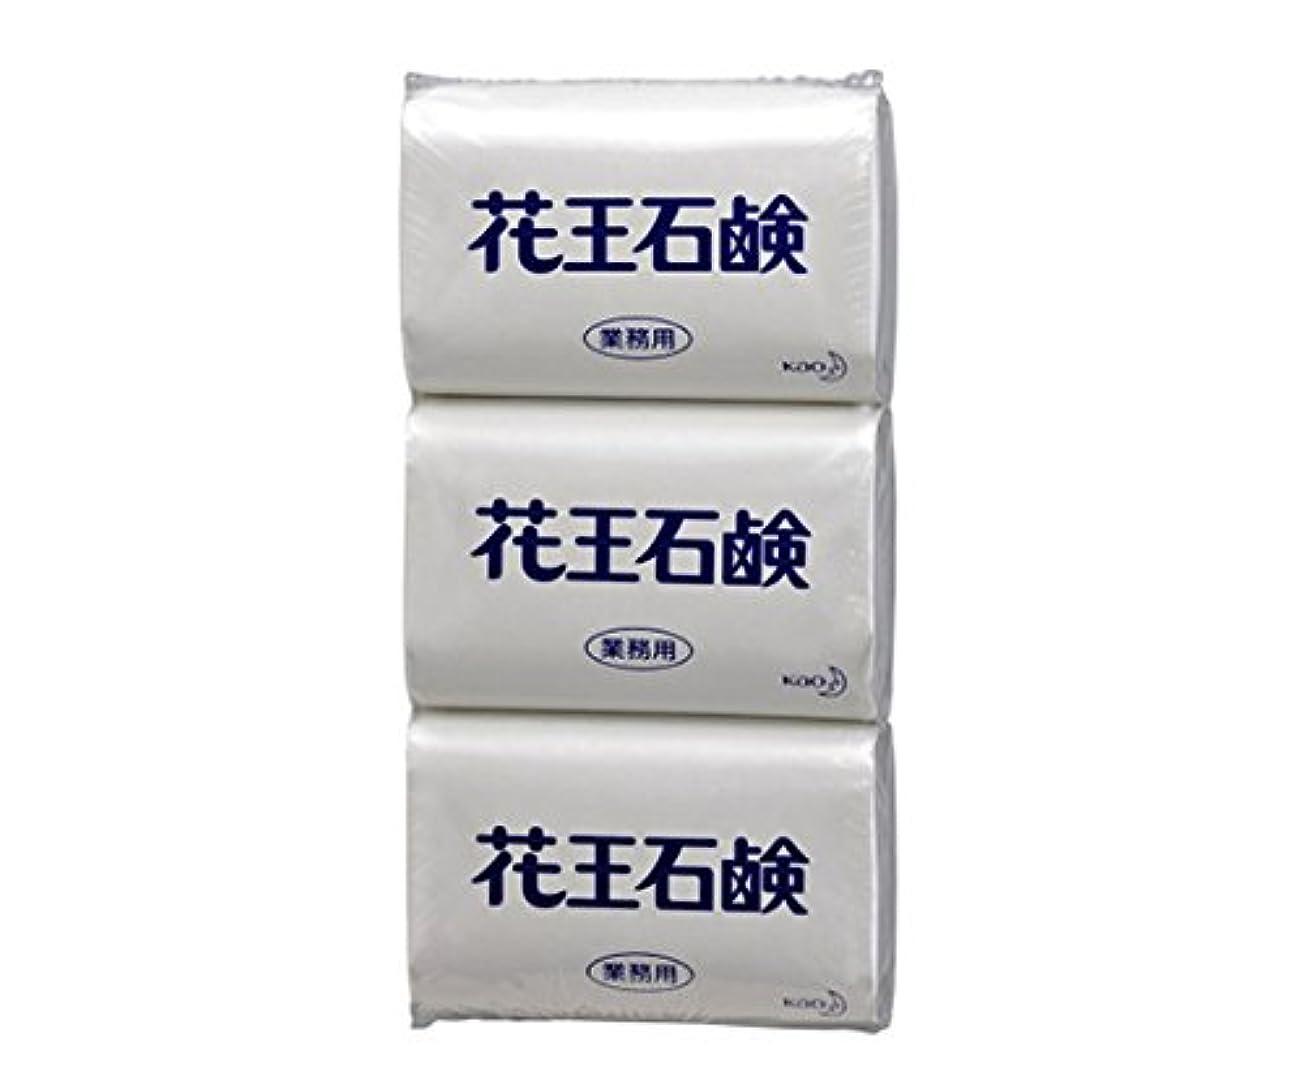 イベント約束する公然と花王1-2756-11石鹸85G